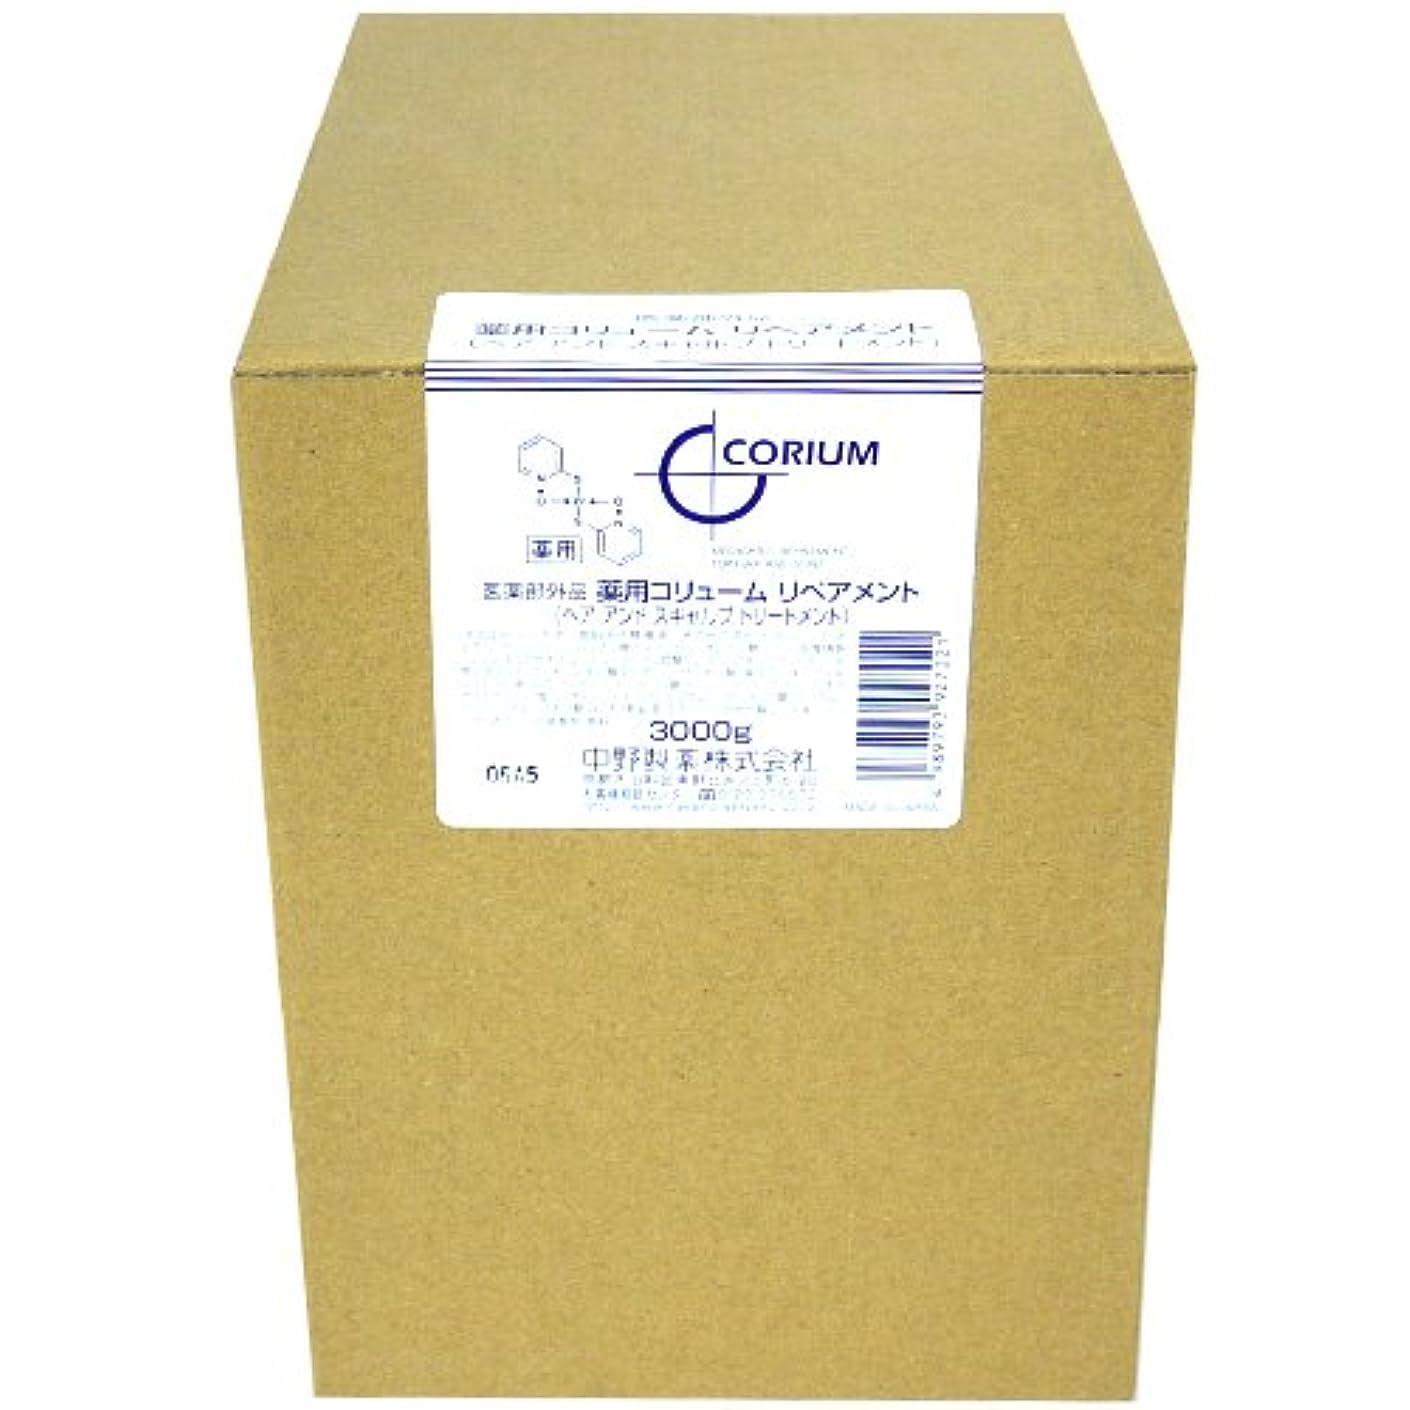 イベント支出現象ナカノ 薬用 コリューム リペアメント 3000g